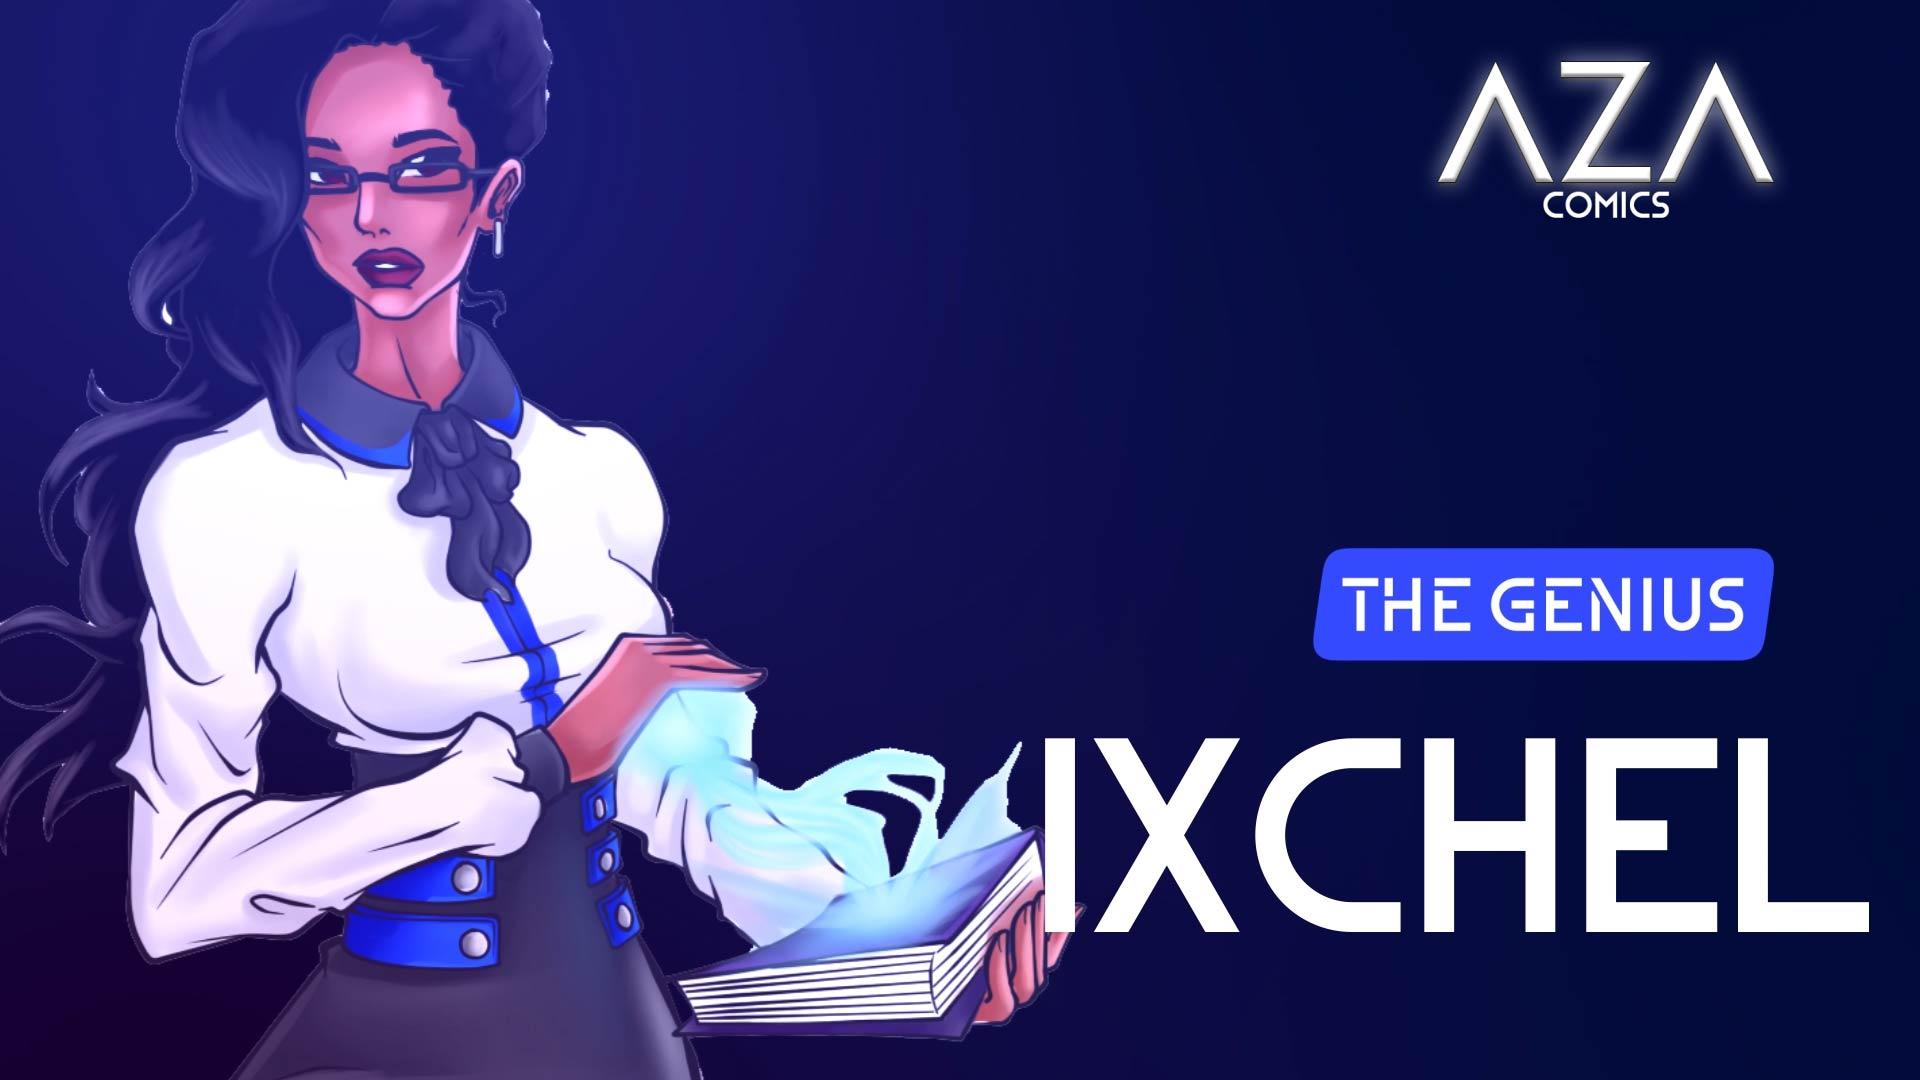 Meet Ixchel!